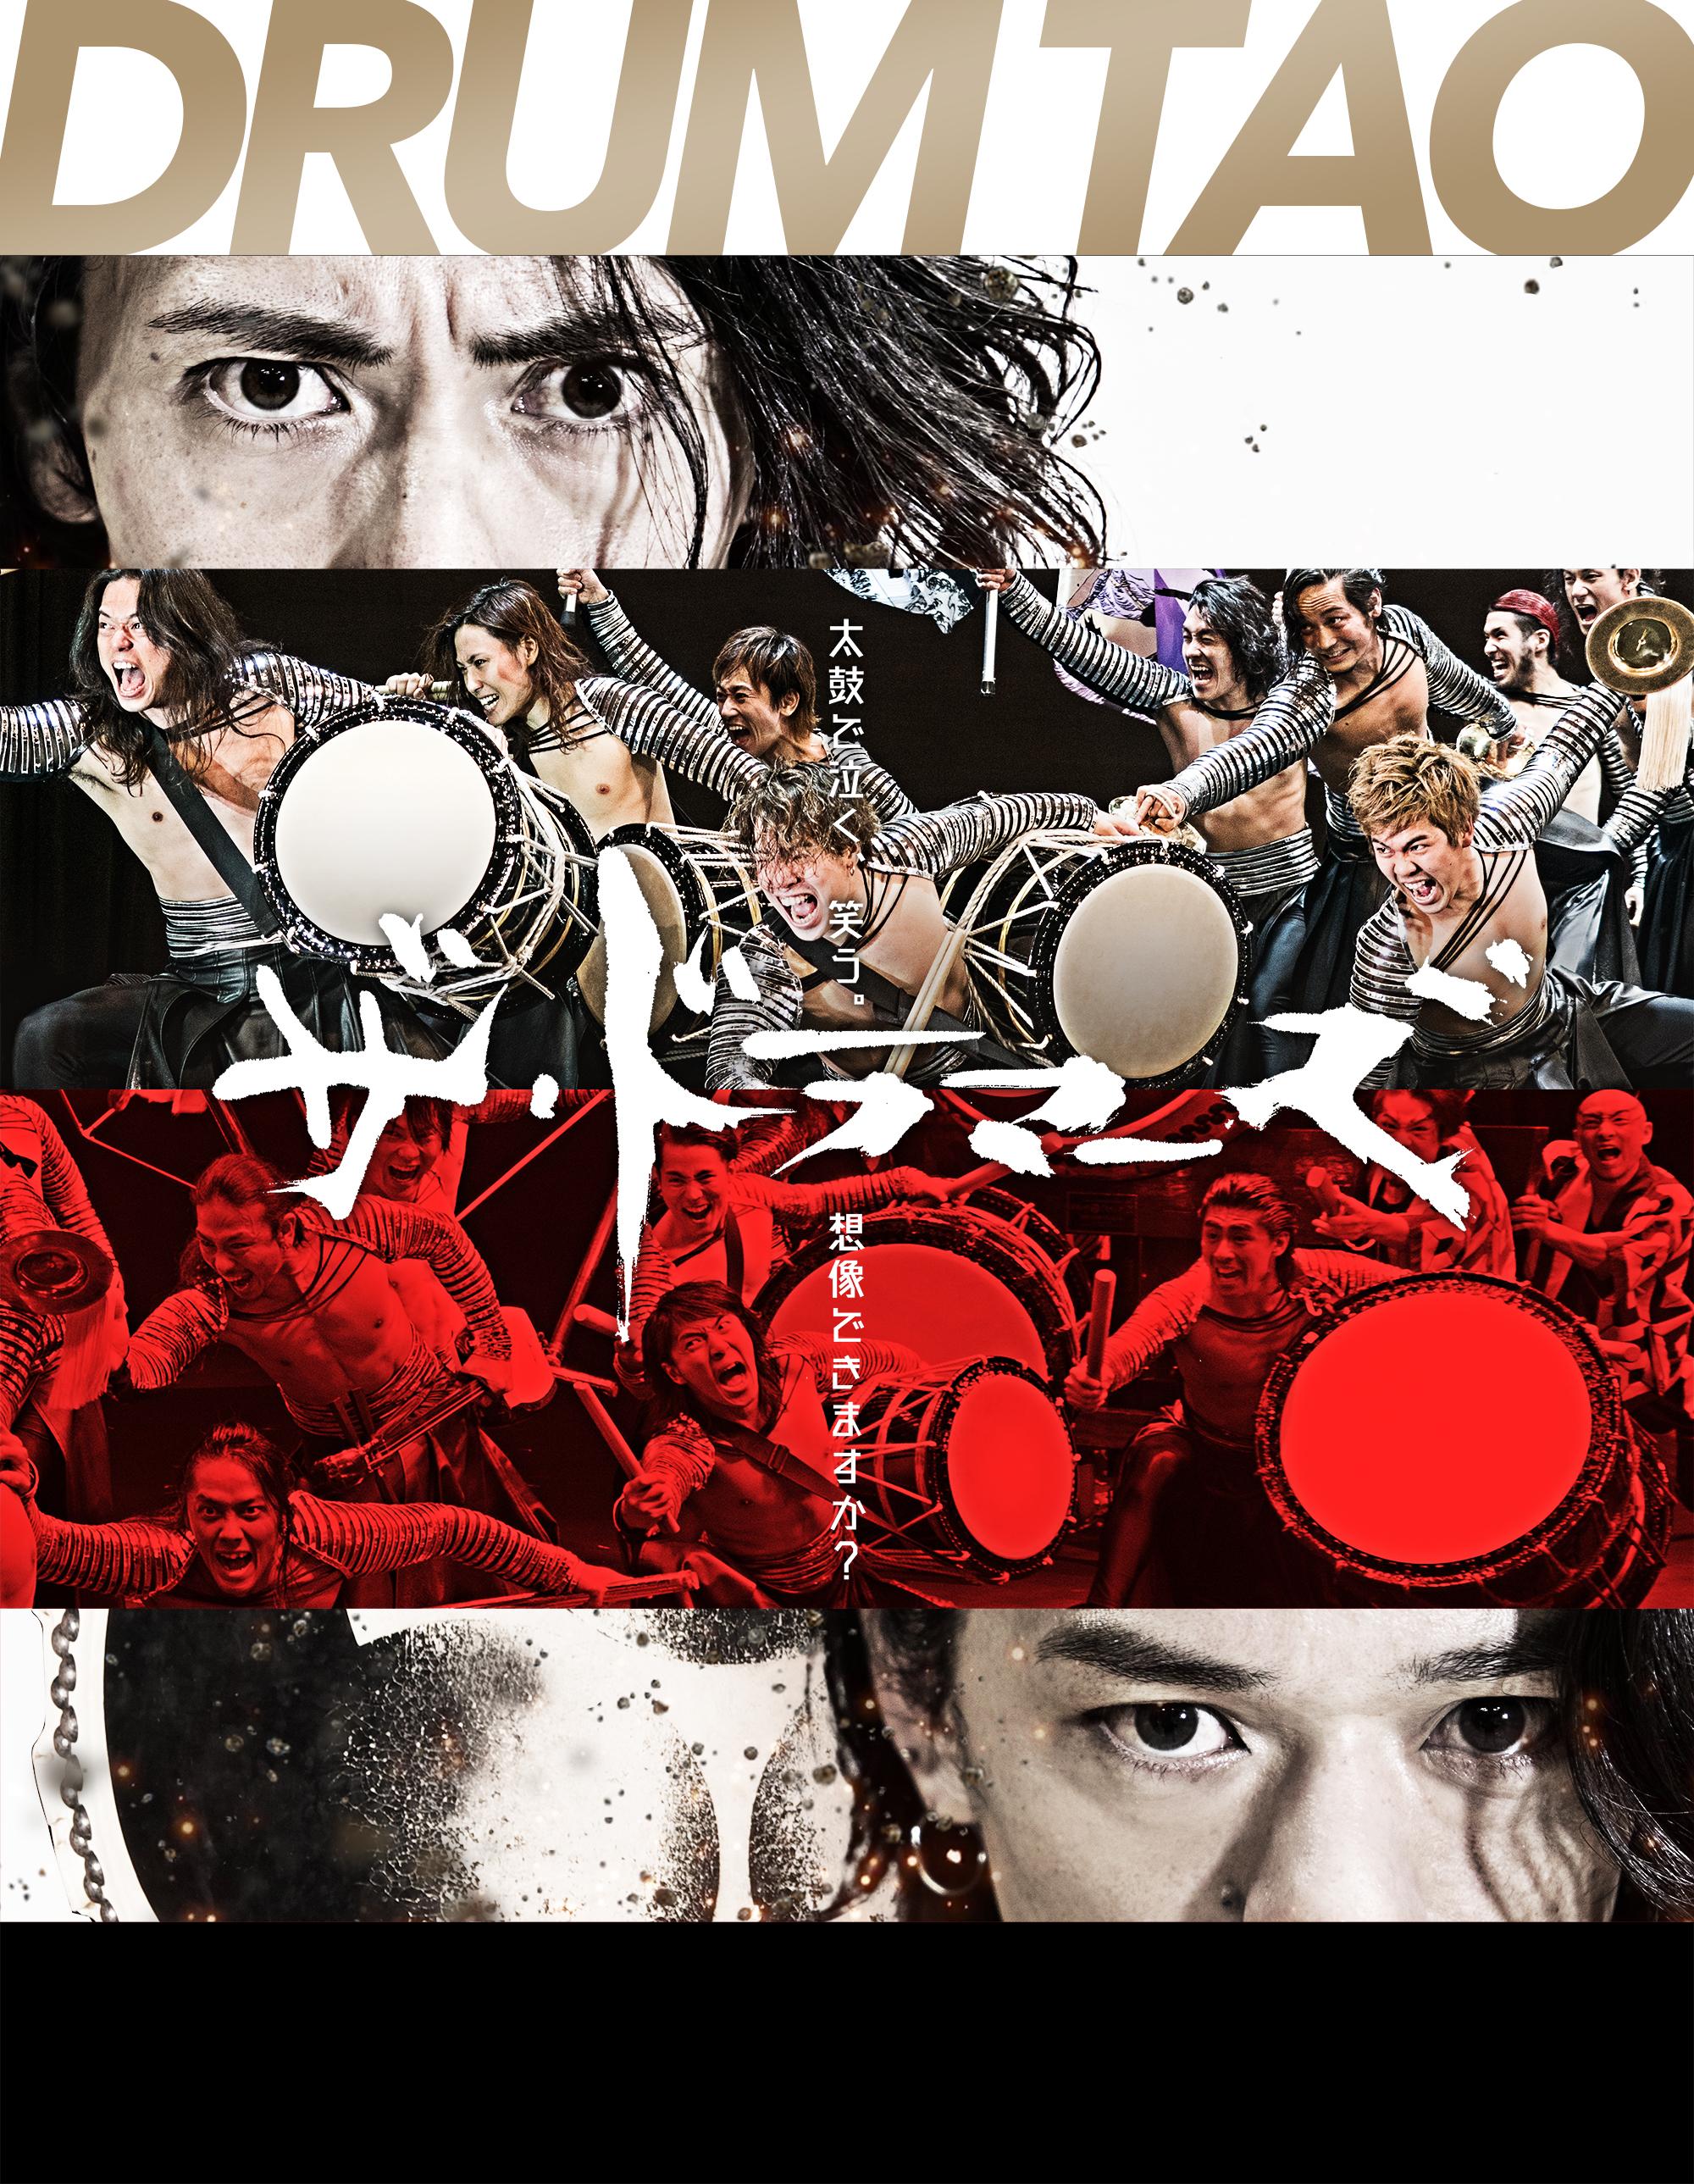 ティアラこうとう大ホール:DRUM TAO 2019新作舞台「ザ・ドラマーズ」